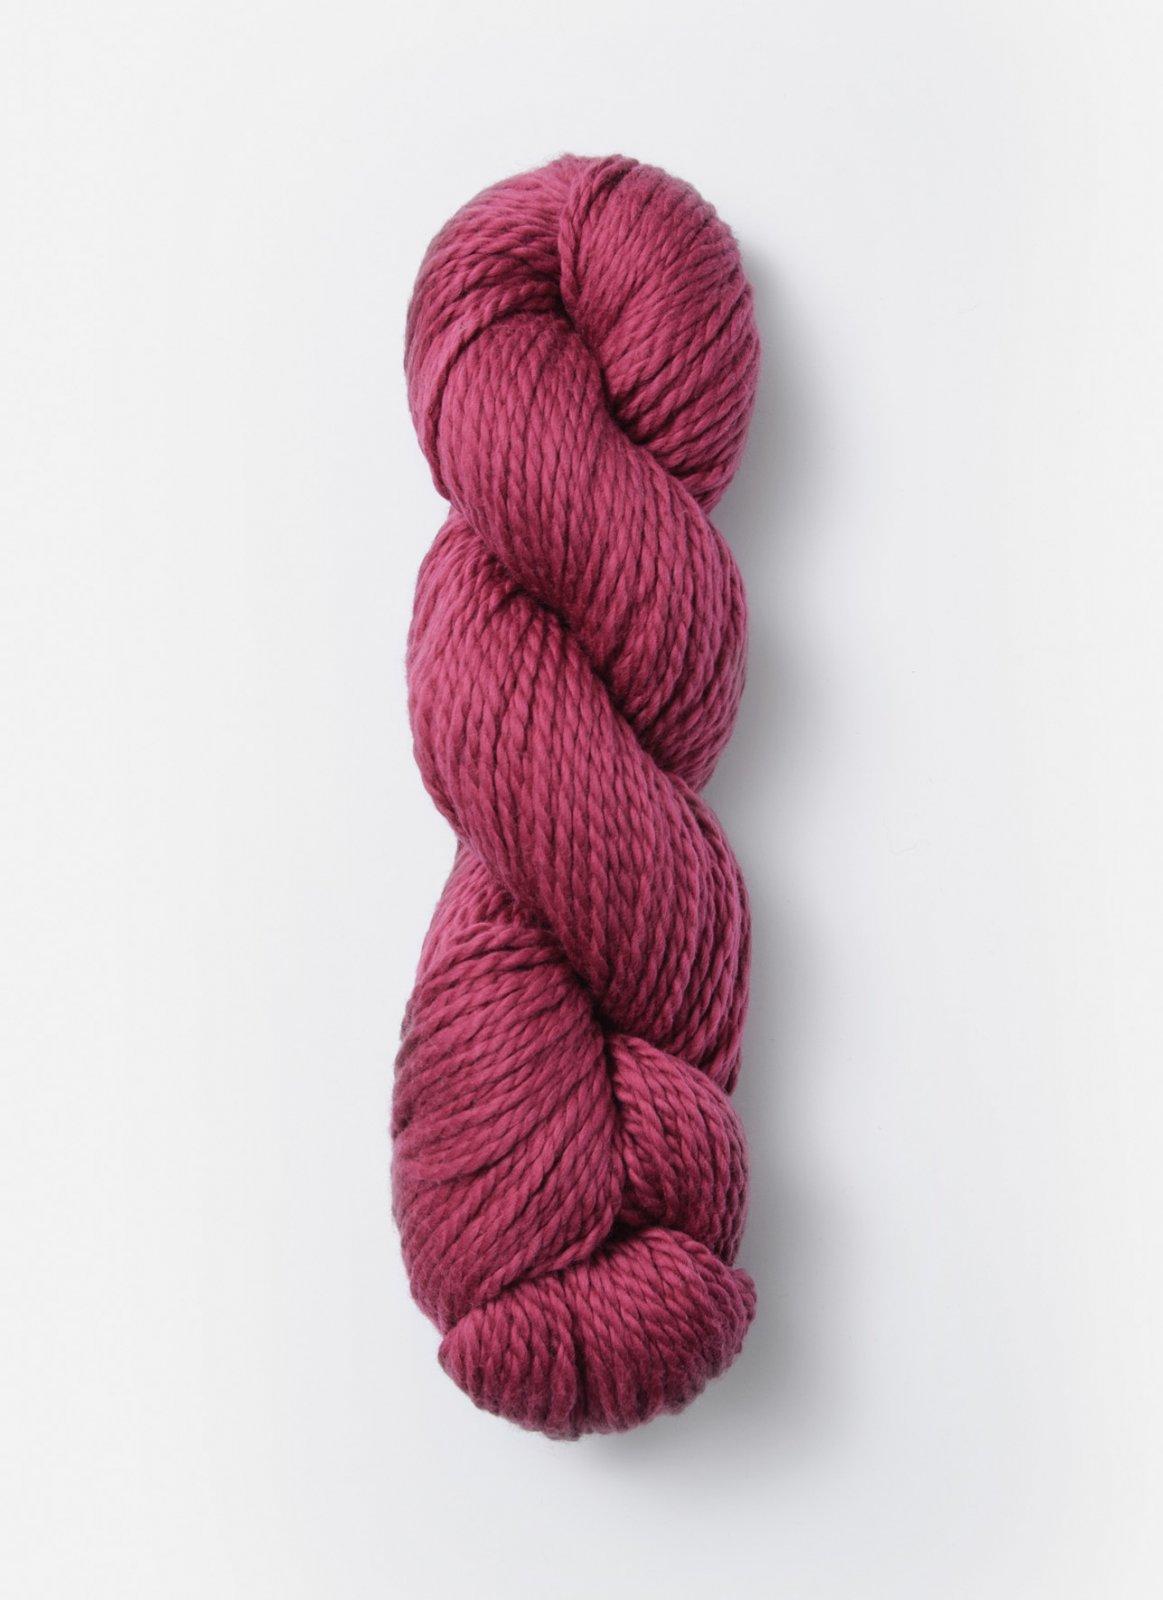 Blue Sky Organic Cotton - Raspberry